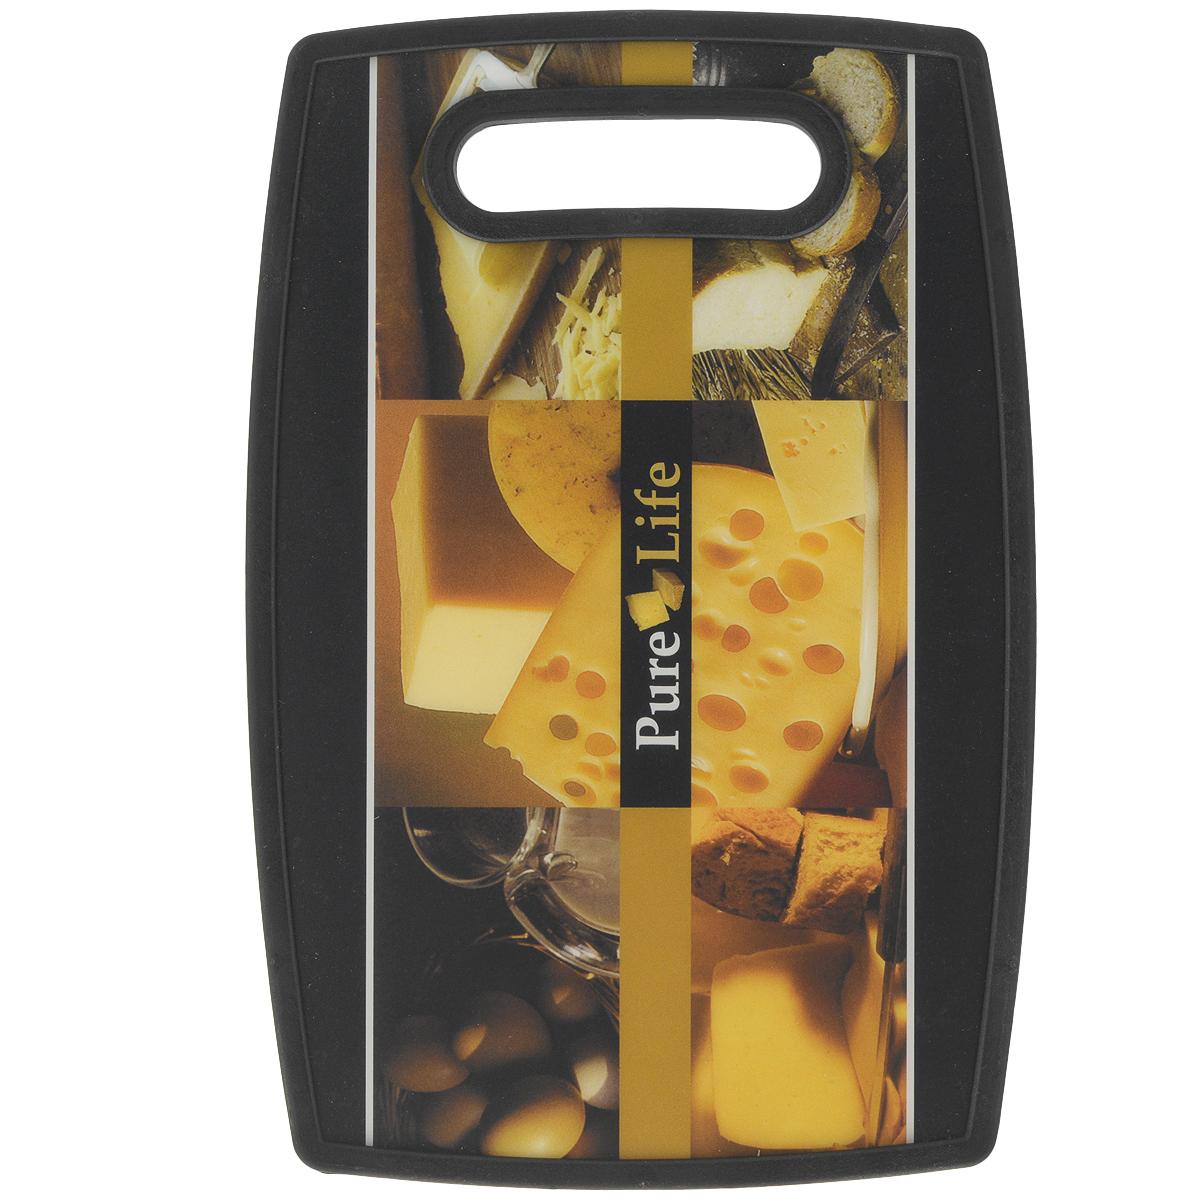 Доска разделочная LaraCook Сыр, 23 см х 37 смLC-1121Доска разделочная LaraCook Сыр, изготовленная из устойчивого к истиранию пластика, займет достойное место среди аксессуаров на вашей кухне. С одной стороны доска имеет однотонное бамбуковое покрытие, а с другой декорирована изображением сыра.Доска имеет высокий коэффициент жесткости и прекрасно подойдет для нарезки любых продуктов. Устойчива к деформации и высоким температурам.